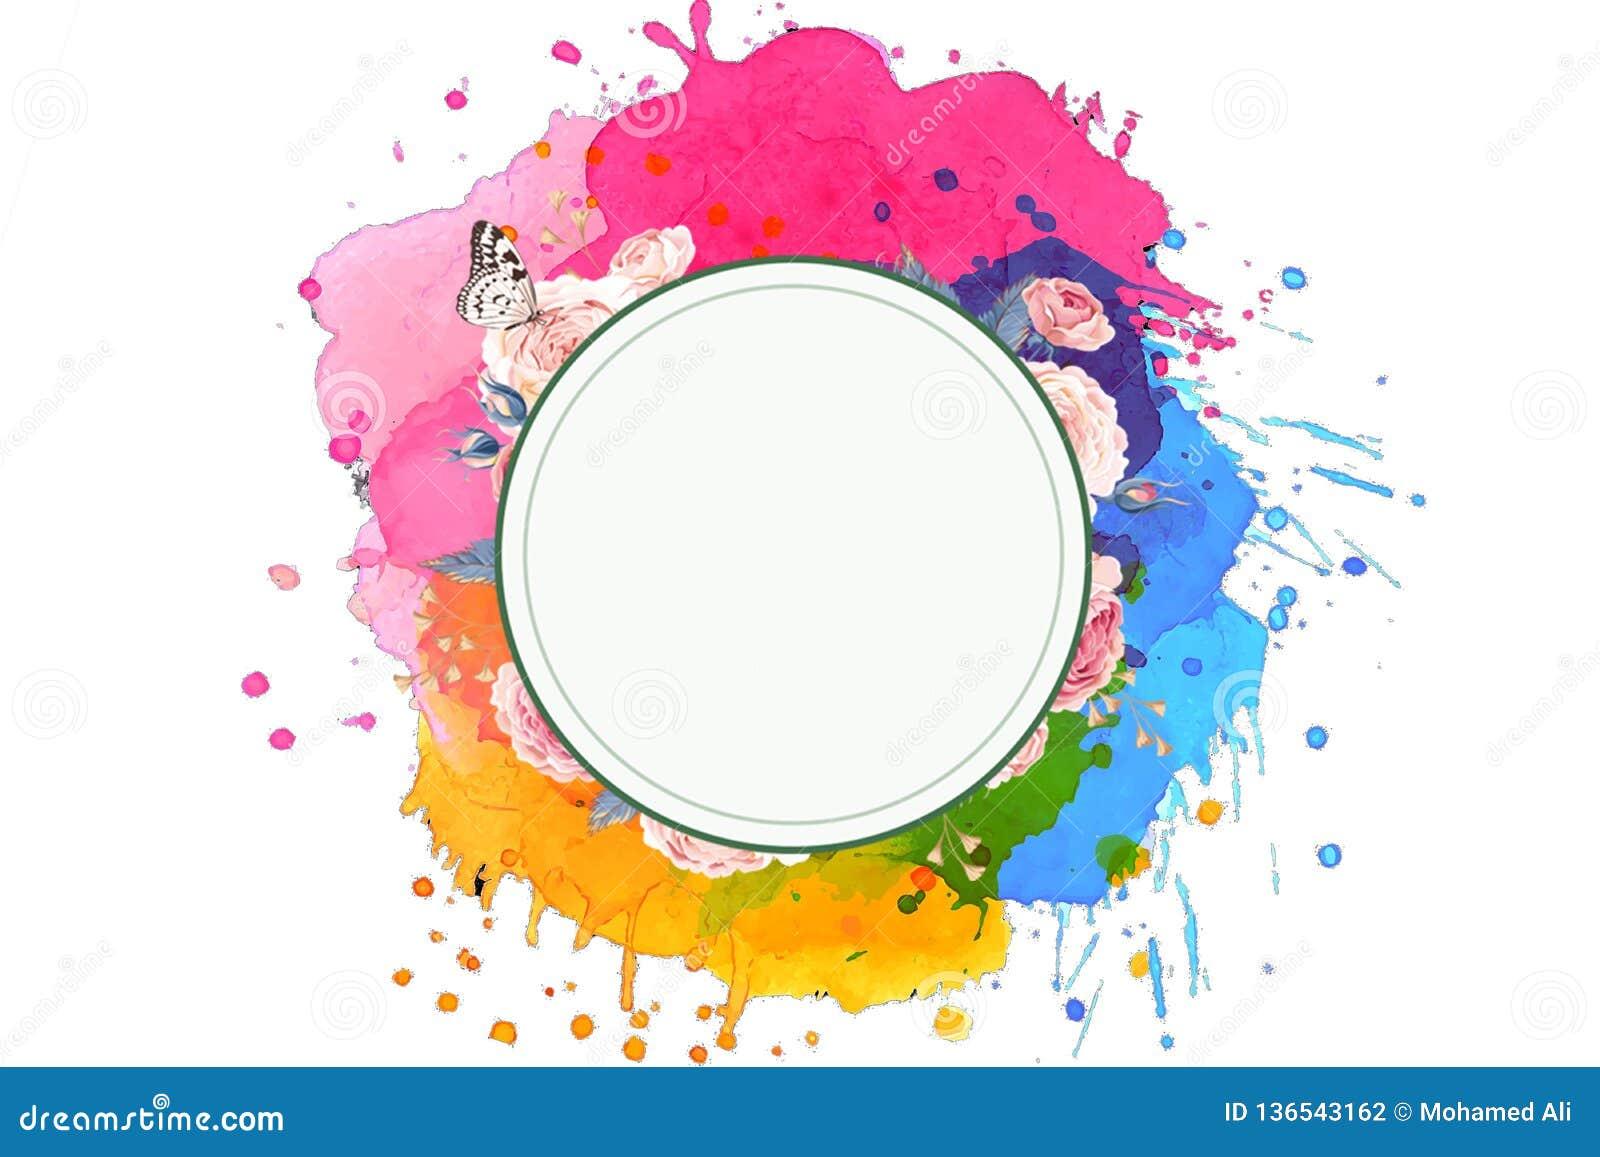 Artystyczny Abstrakcjonistyczny Stubarwny Unikalny set kolory Z Rozjarzonym okręgiem W Białym tle